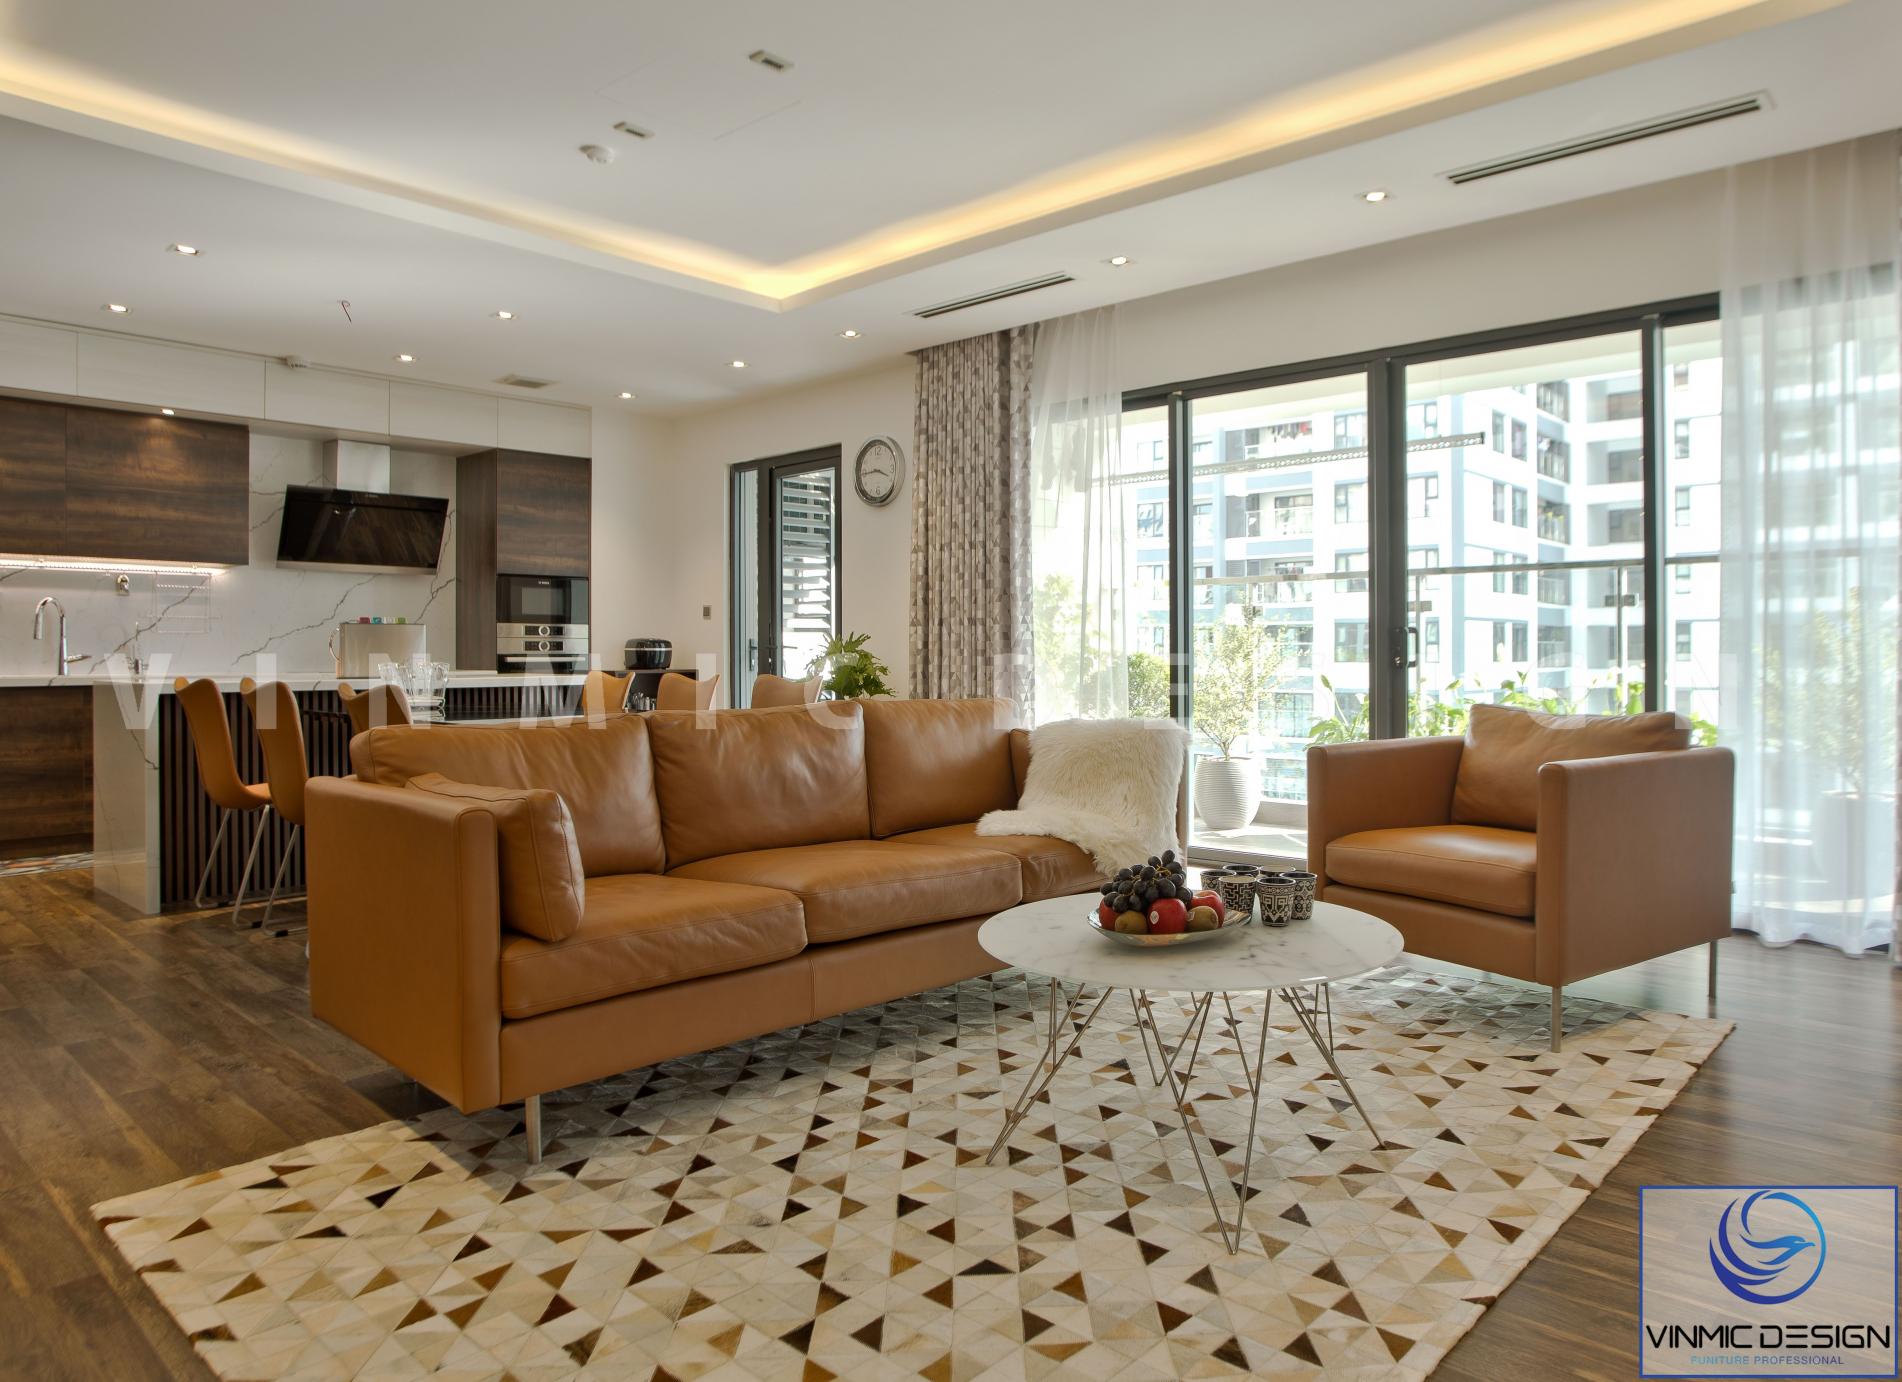 Thi công nội thất phòng khách đẹp với bộ sofa da nổi bật tại chung cư Imperia - Hà Nội